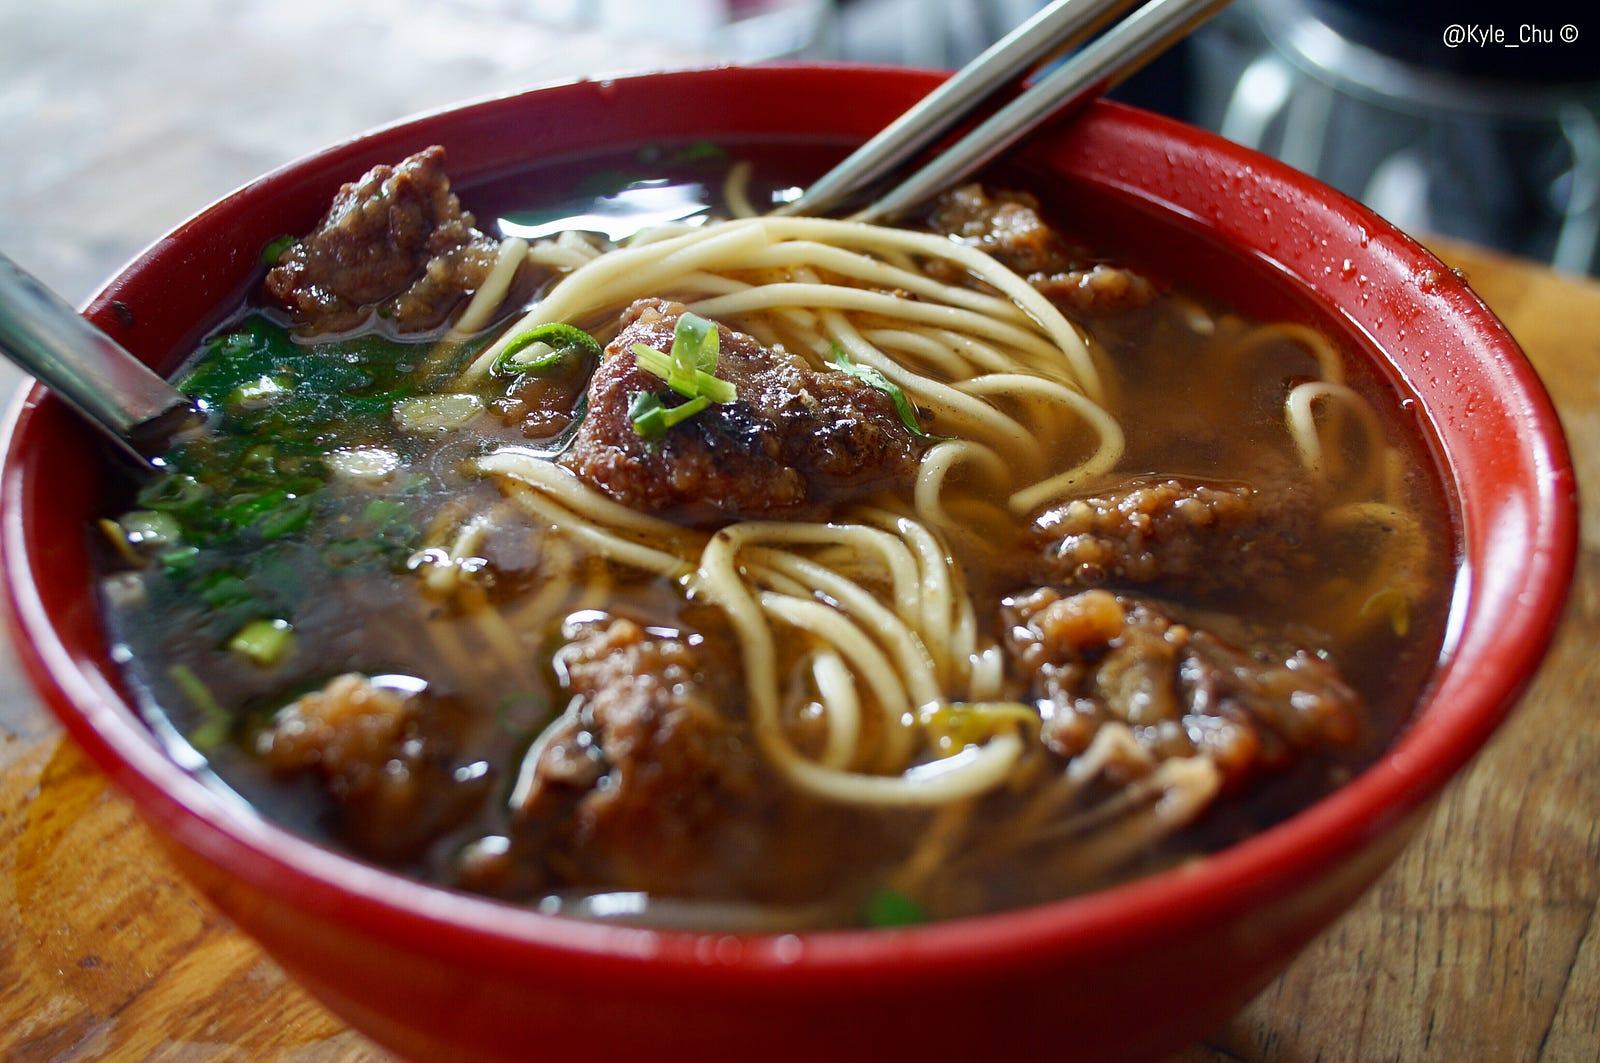 ?向陽路豐原排骨麵的「骨氣」Best stewed pork soup served with noodles in Fengyuan . Taiwan